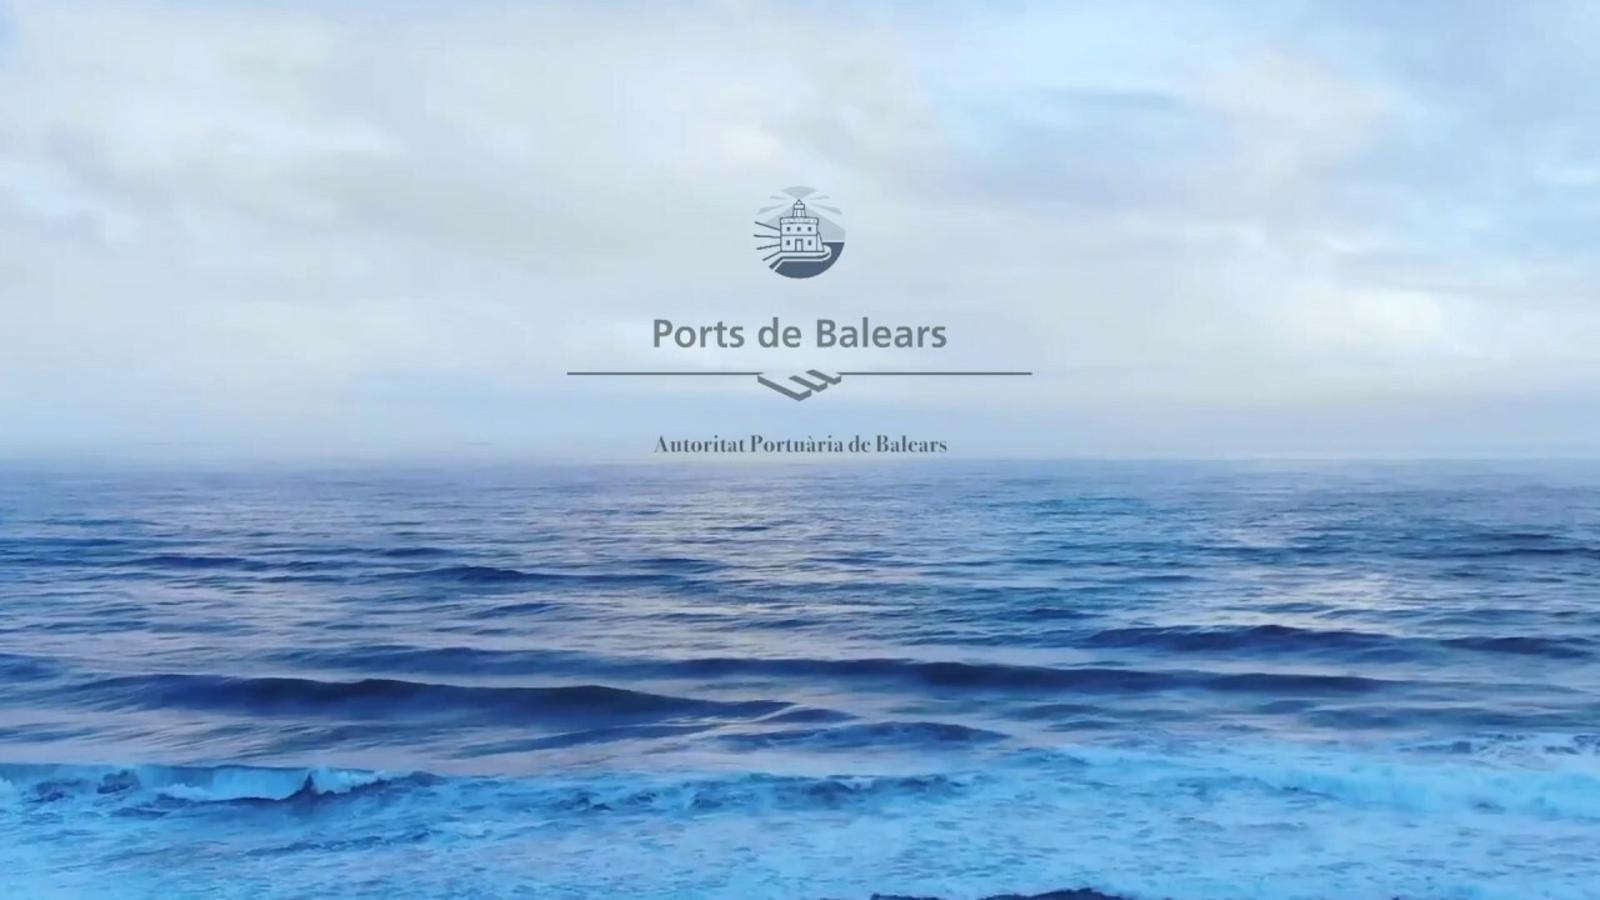 L'Autoritat Portuària agraeix als illencs que respectin el confinament mentre els ports abasteixen les Balears